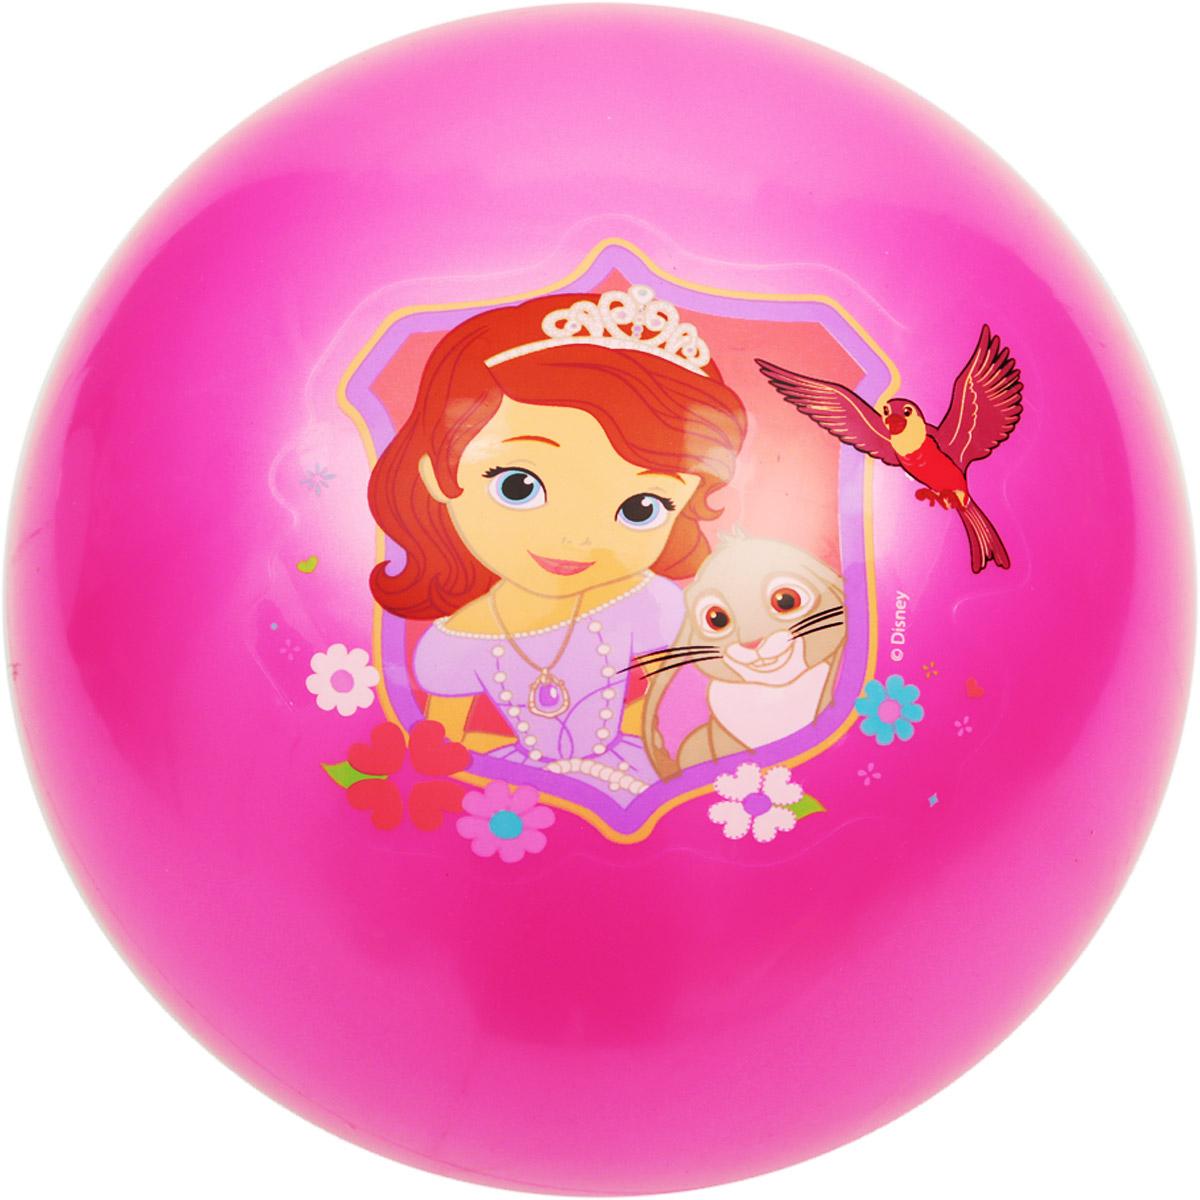 Играем вместе Мяч София Прекрасная цвет розовый 23 см AD-9(STF)_розовый